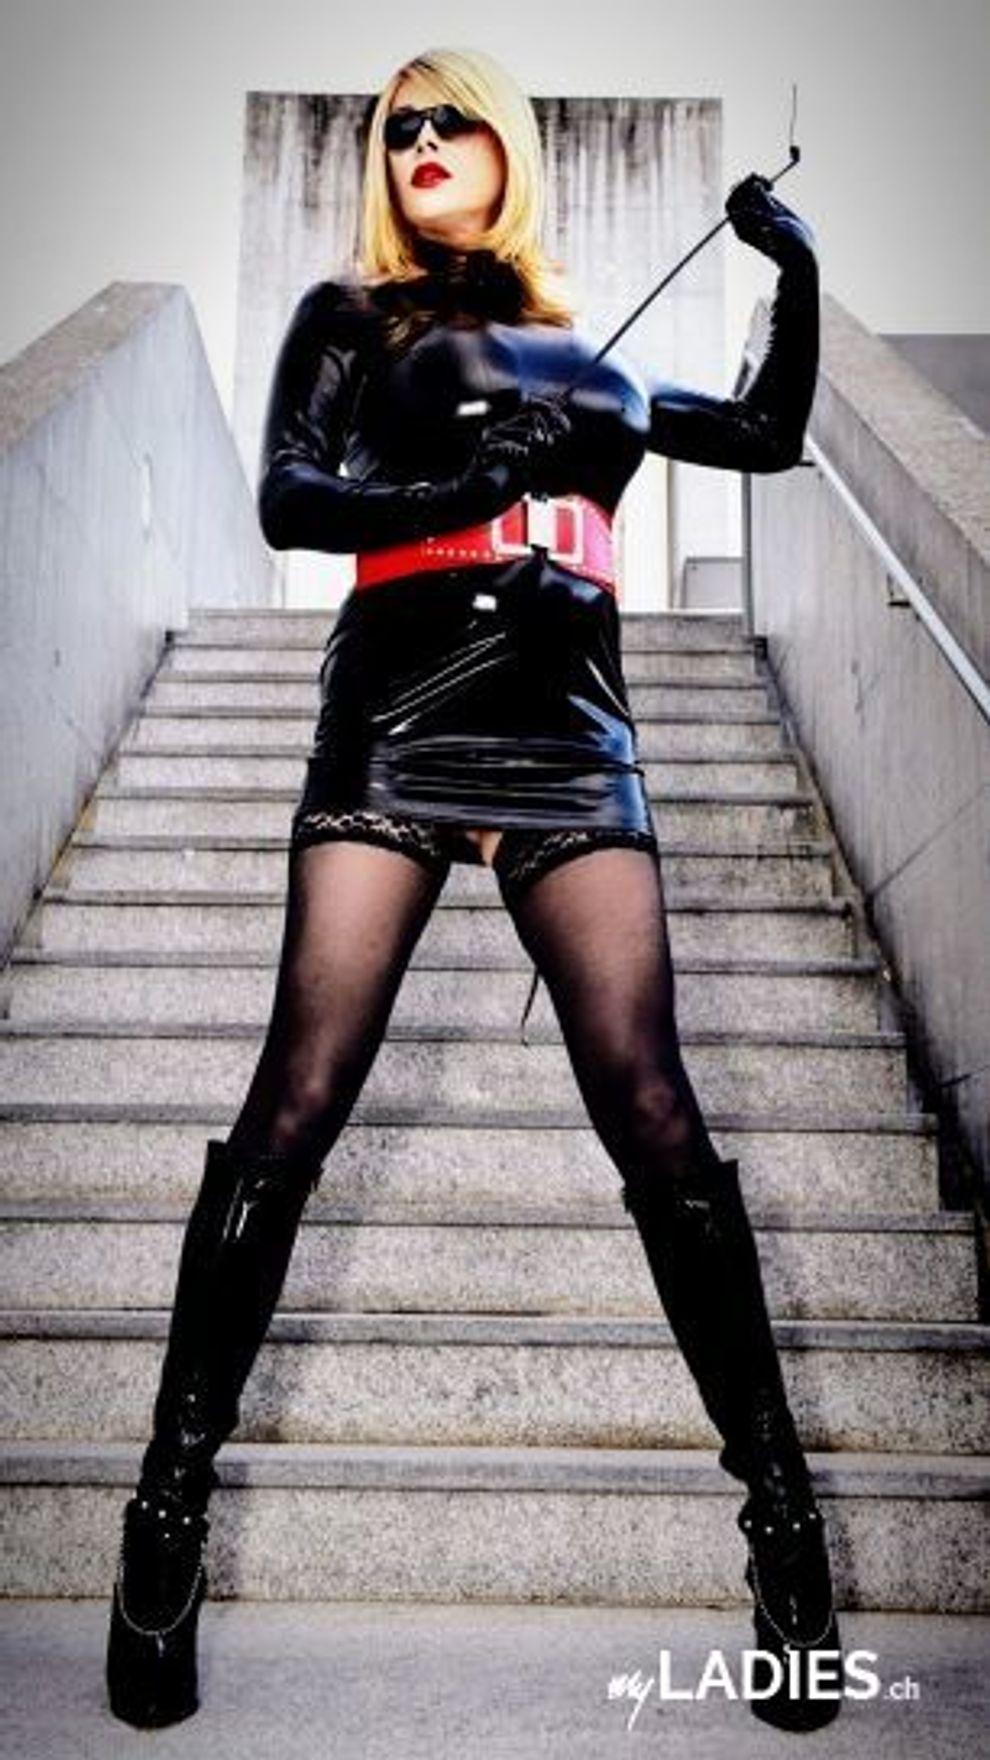 Mistress Alegra / Bild 5